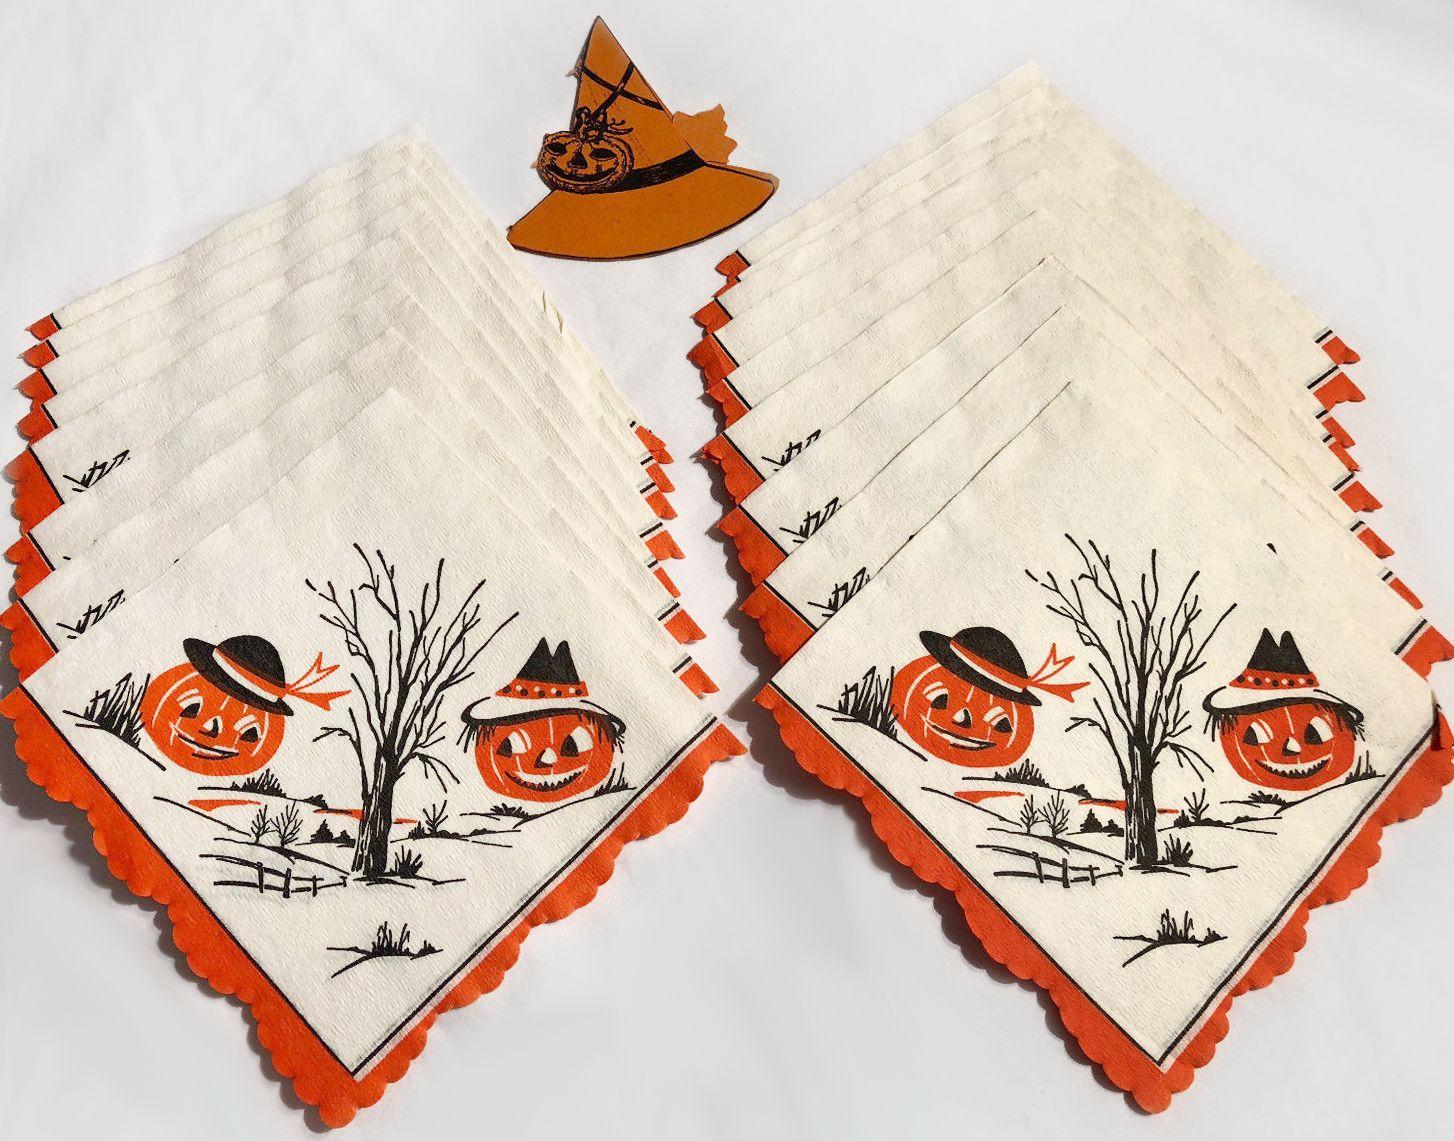 Details about 17 Vintage Halloween Crepe-like Napkins